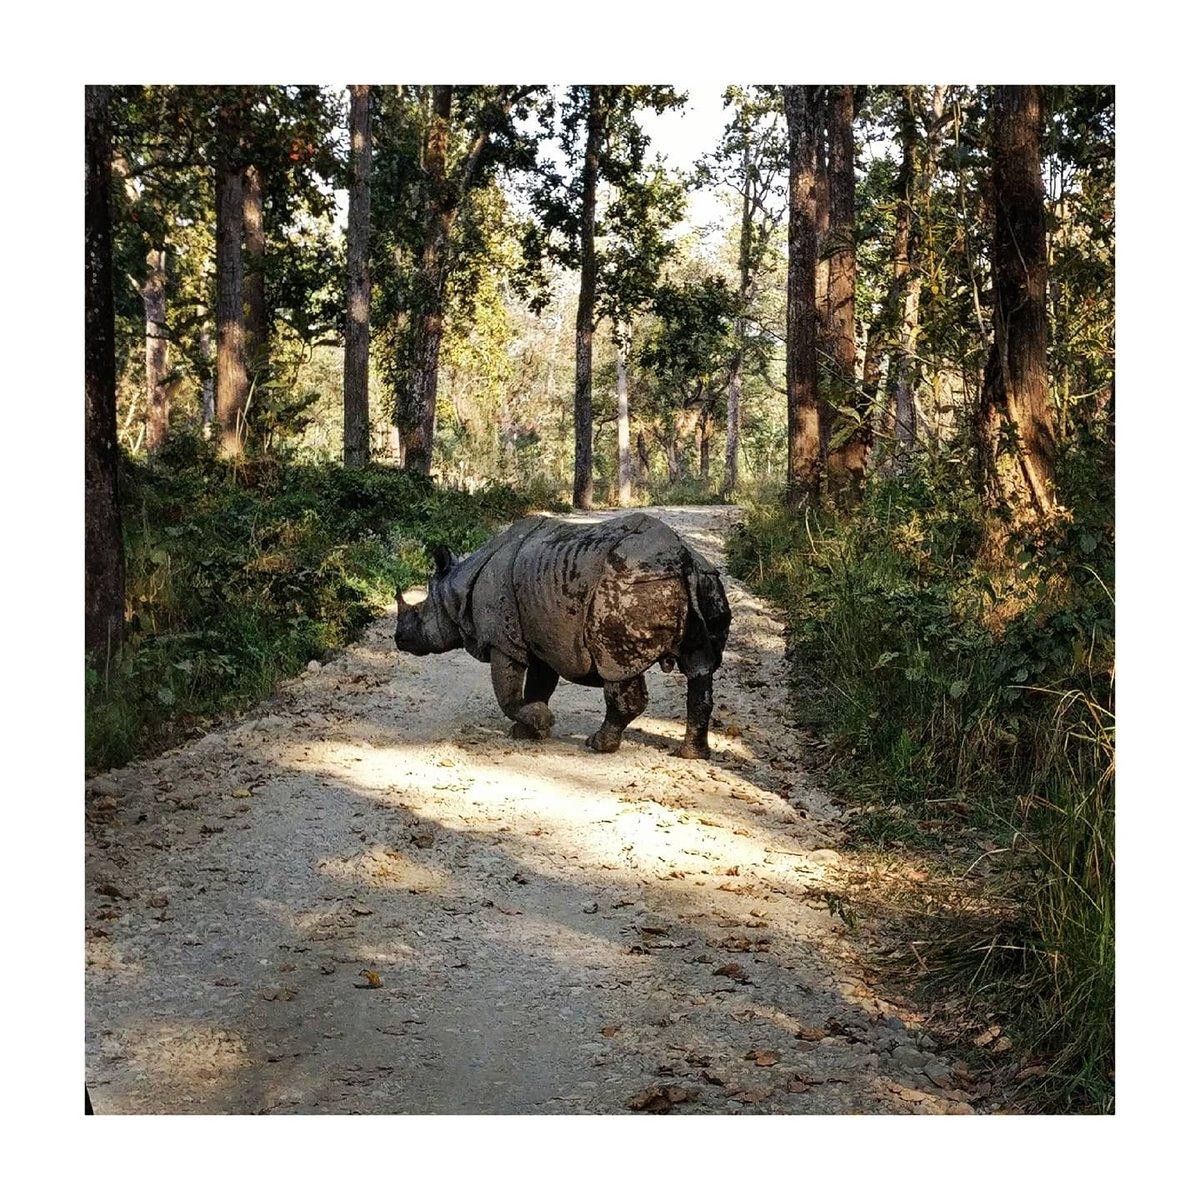 CHITWAN NATIONAL PARK #chitwannationalpark pic.twitter.com/KkMkJO2kyk